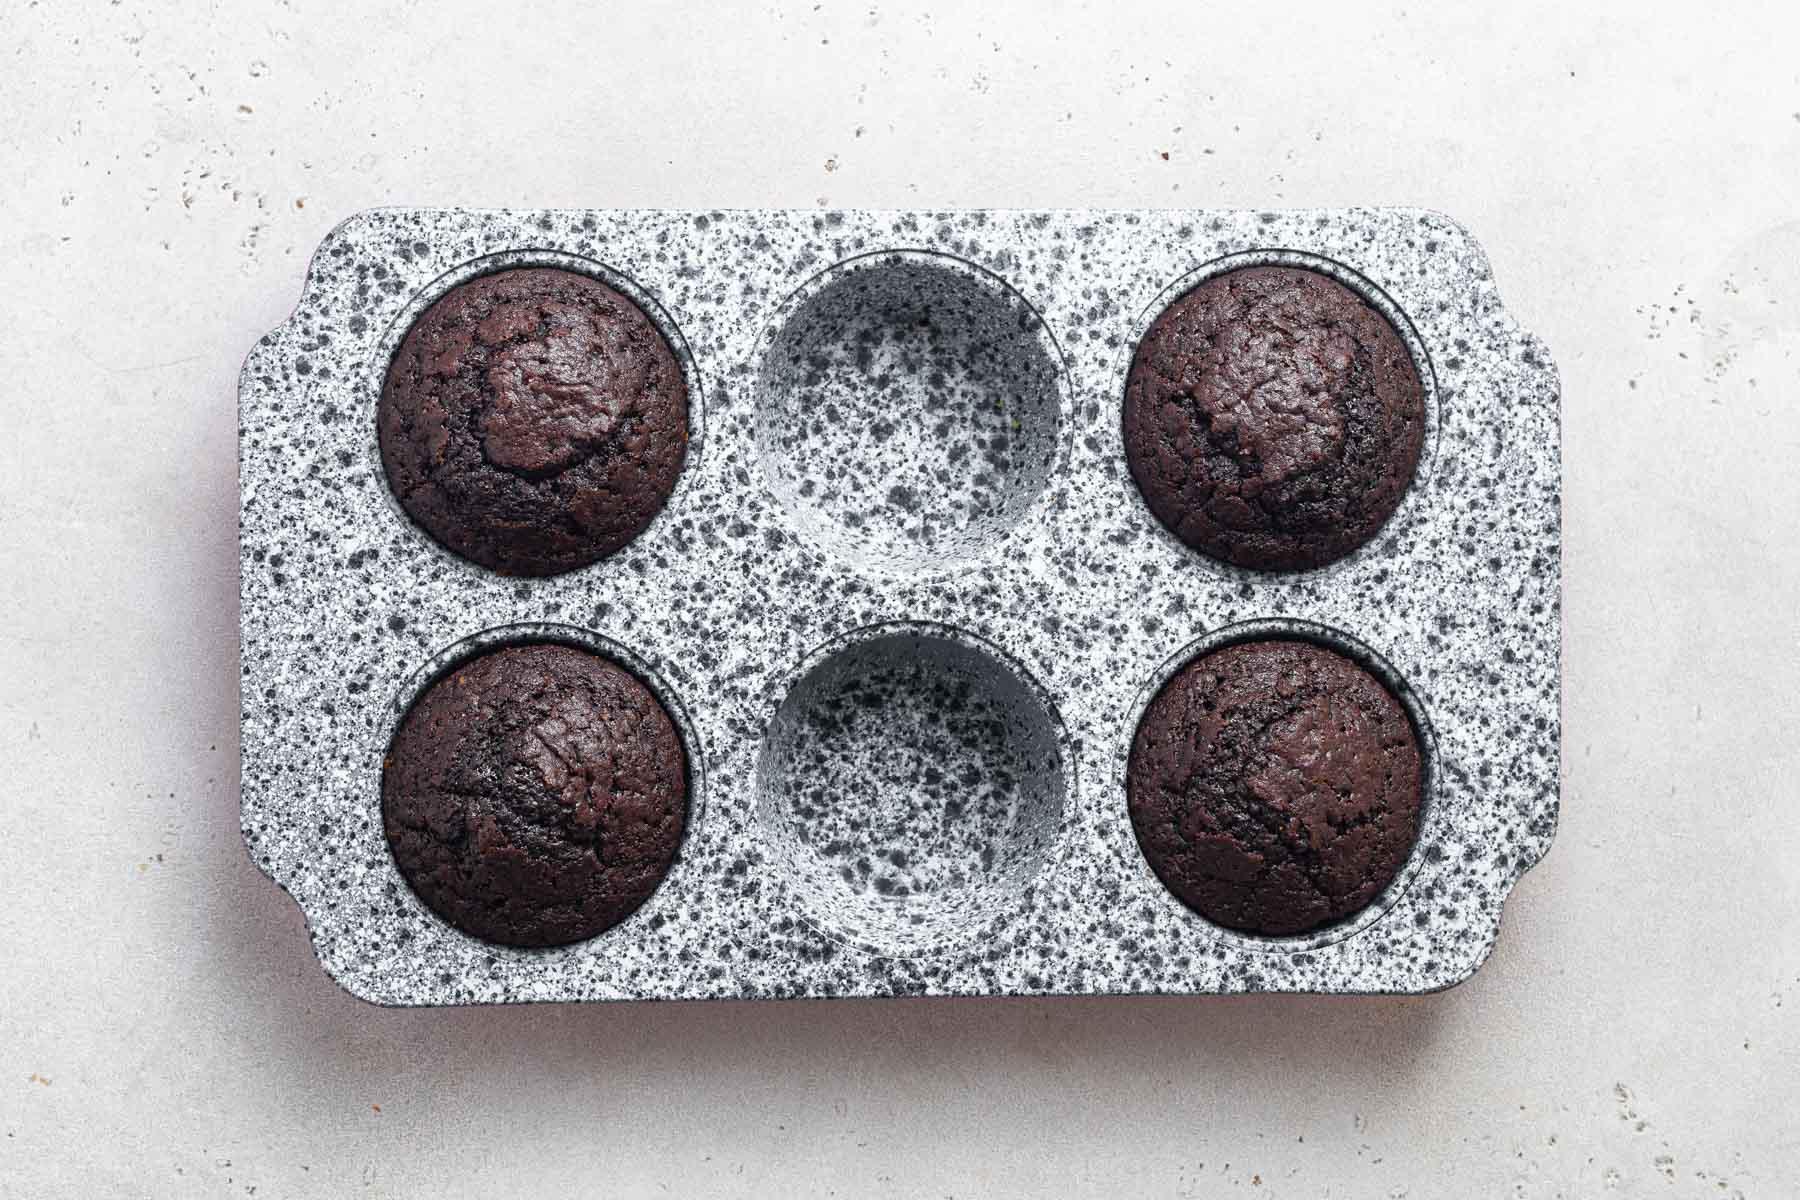 Freshly baked chocolate cupcakes in pan.